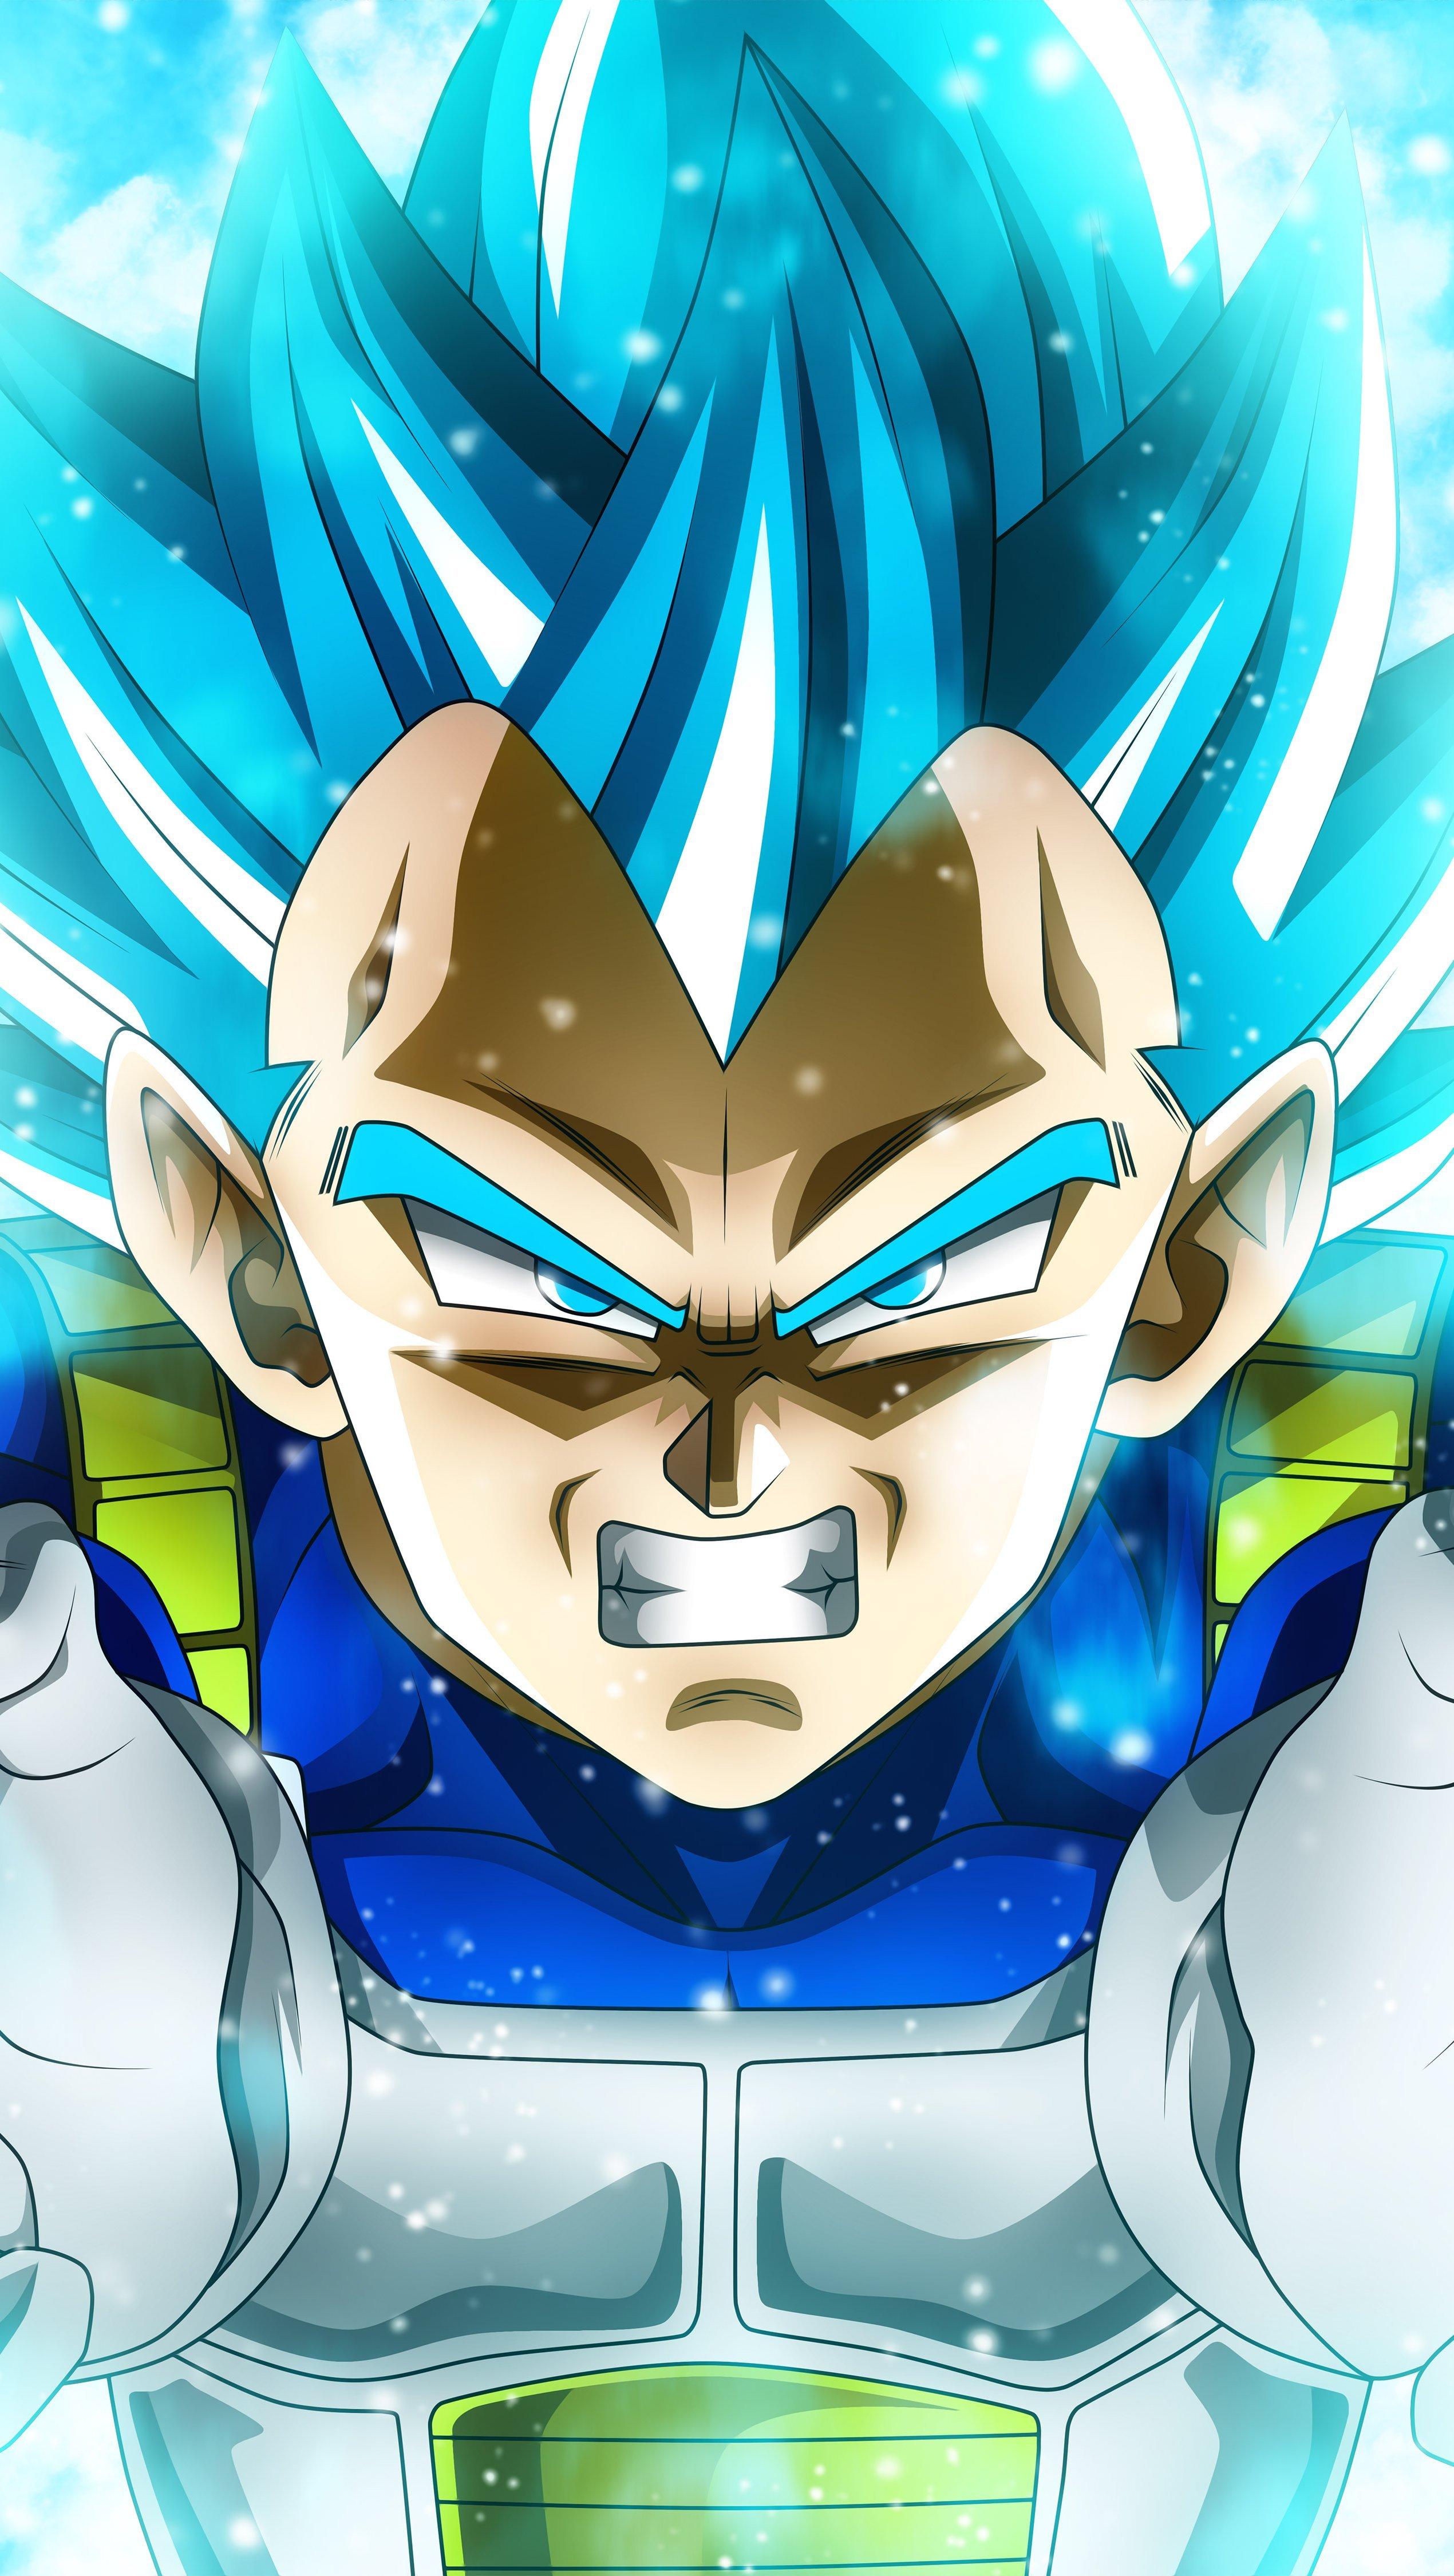 Fondos de pantalla Anime Vegeta Super Saiyan Blue de Dragon Ball Super Vertical